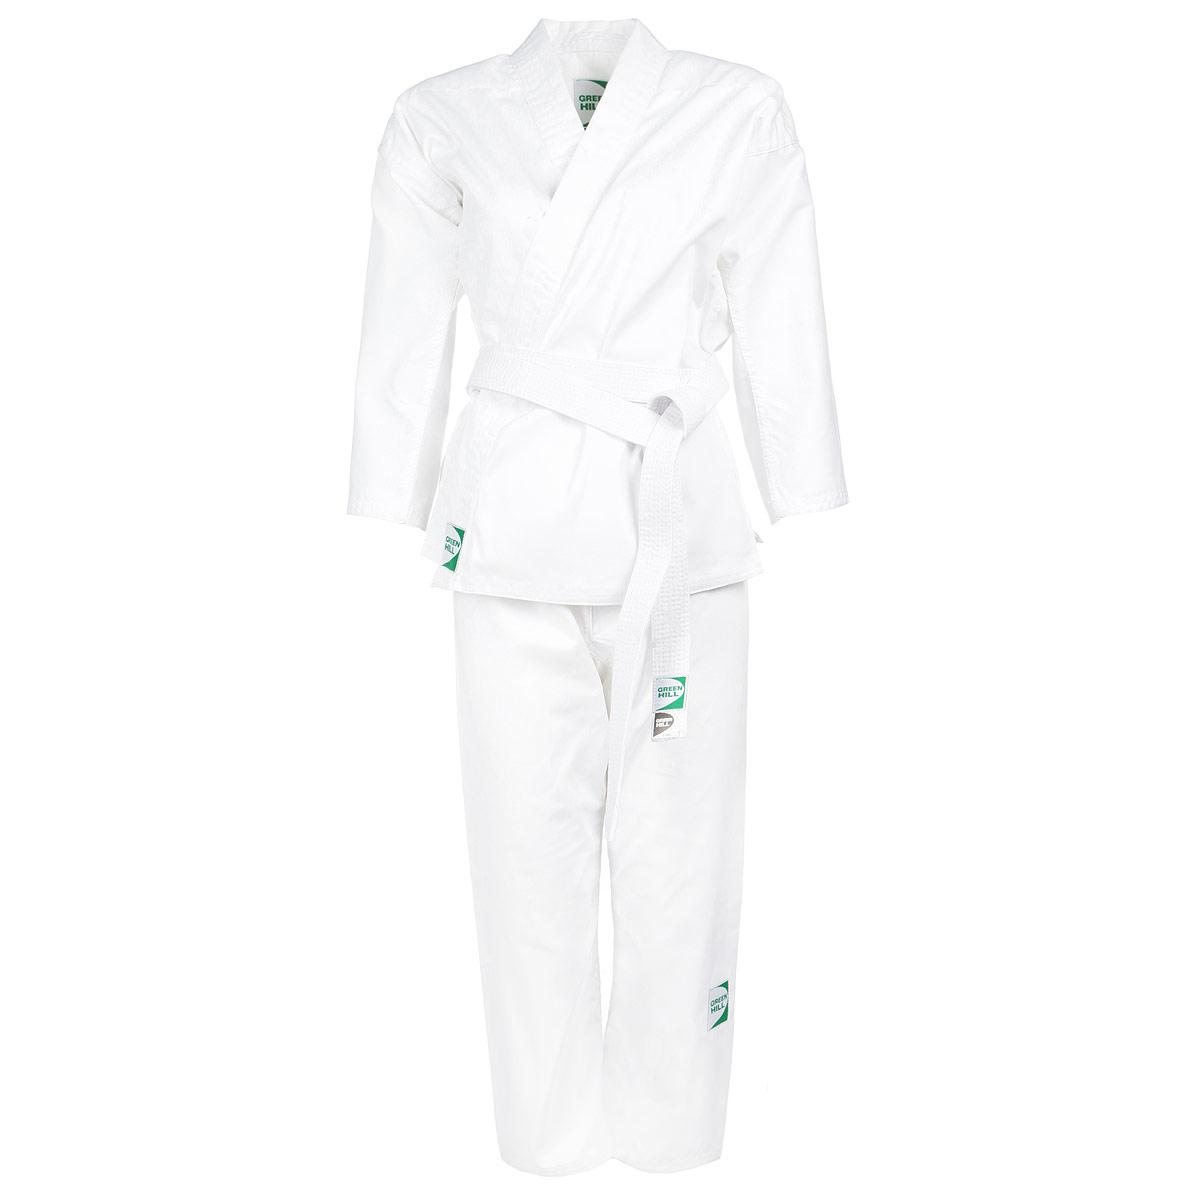 Кимоно для каратэ Adult. KSA-10347KSA-10347Кимоно для каратэ Green Hill Adult состоит из рубашки и брюк. Просторная рубашка с запахом, боковыми разрезами и длинными рукавами-кимоно изготовлена из плотного хлопка. Боковые швы, края рукавов и полочек, низ рубашки укреплены дополнительными строчками и крепкой лентой с внутренней стороны. Рубашка завязывается на специальные завязки. Просторные брюки особого покроя имеют широкую эластичную резинку на талии, обеспечивающую комфортную посадку. Изделия оформлены нашивками с логотипом бренда. Кимоно рекомендуется для тренировок в зале.